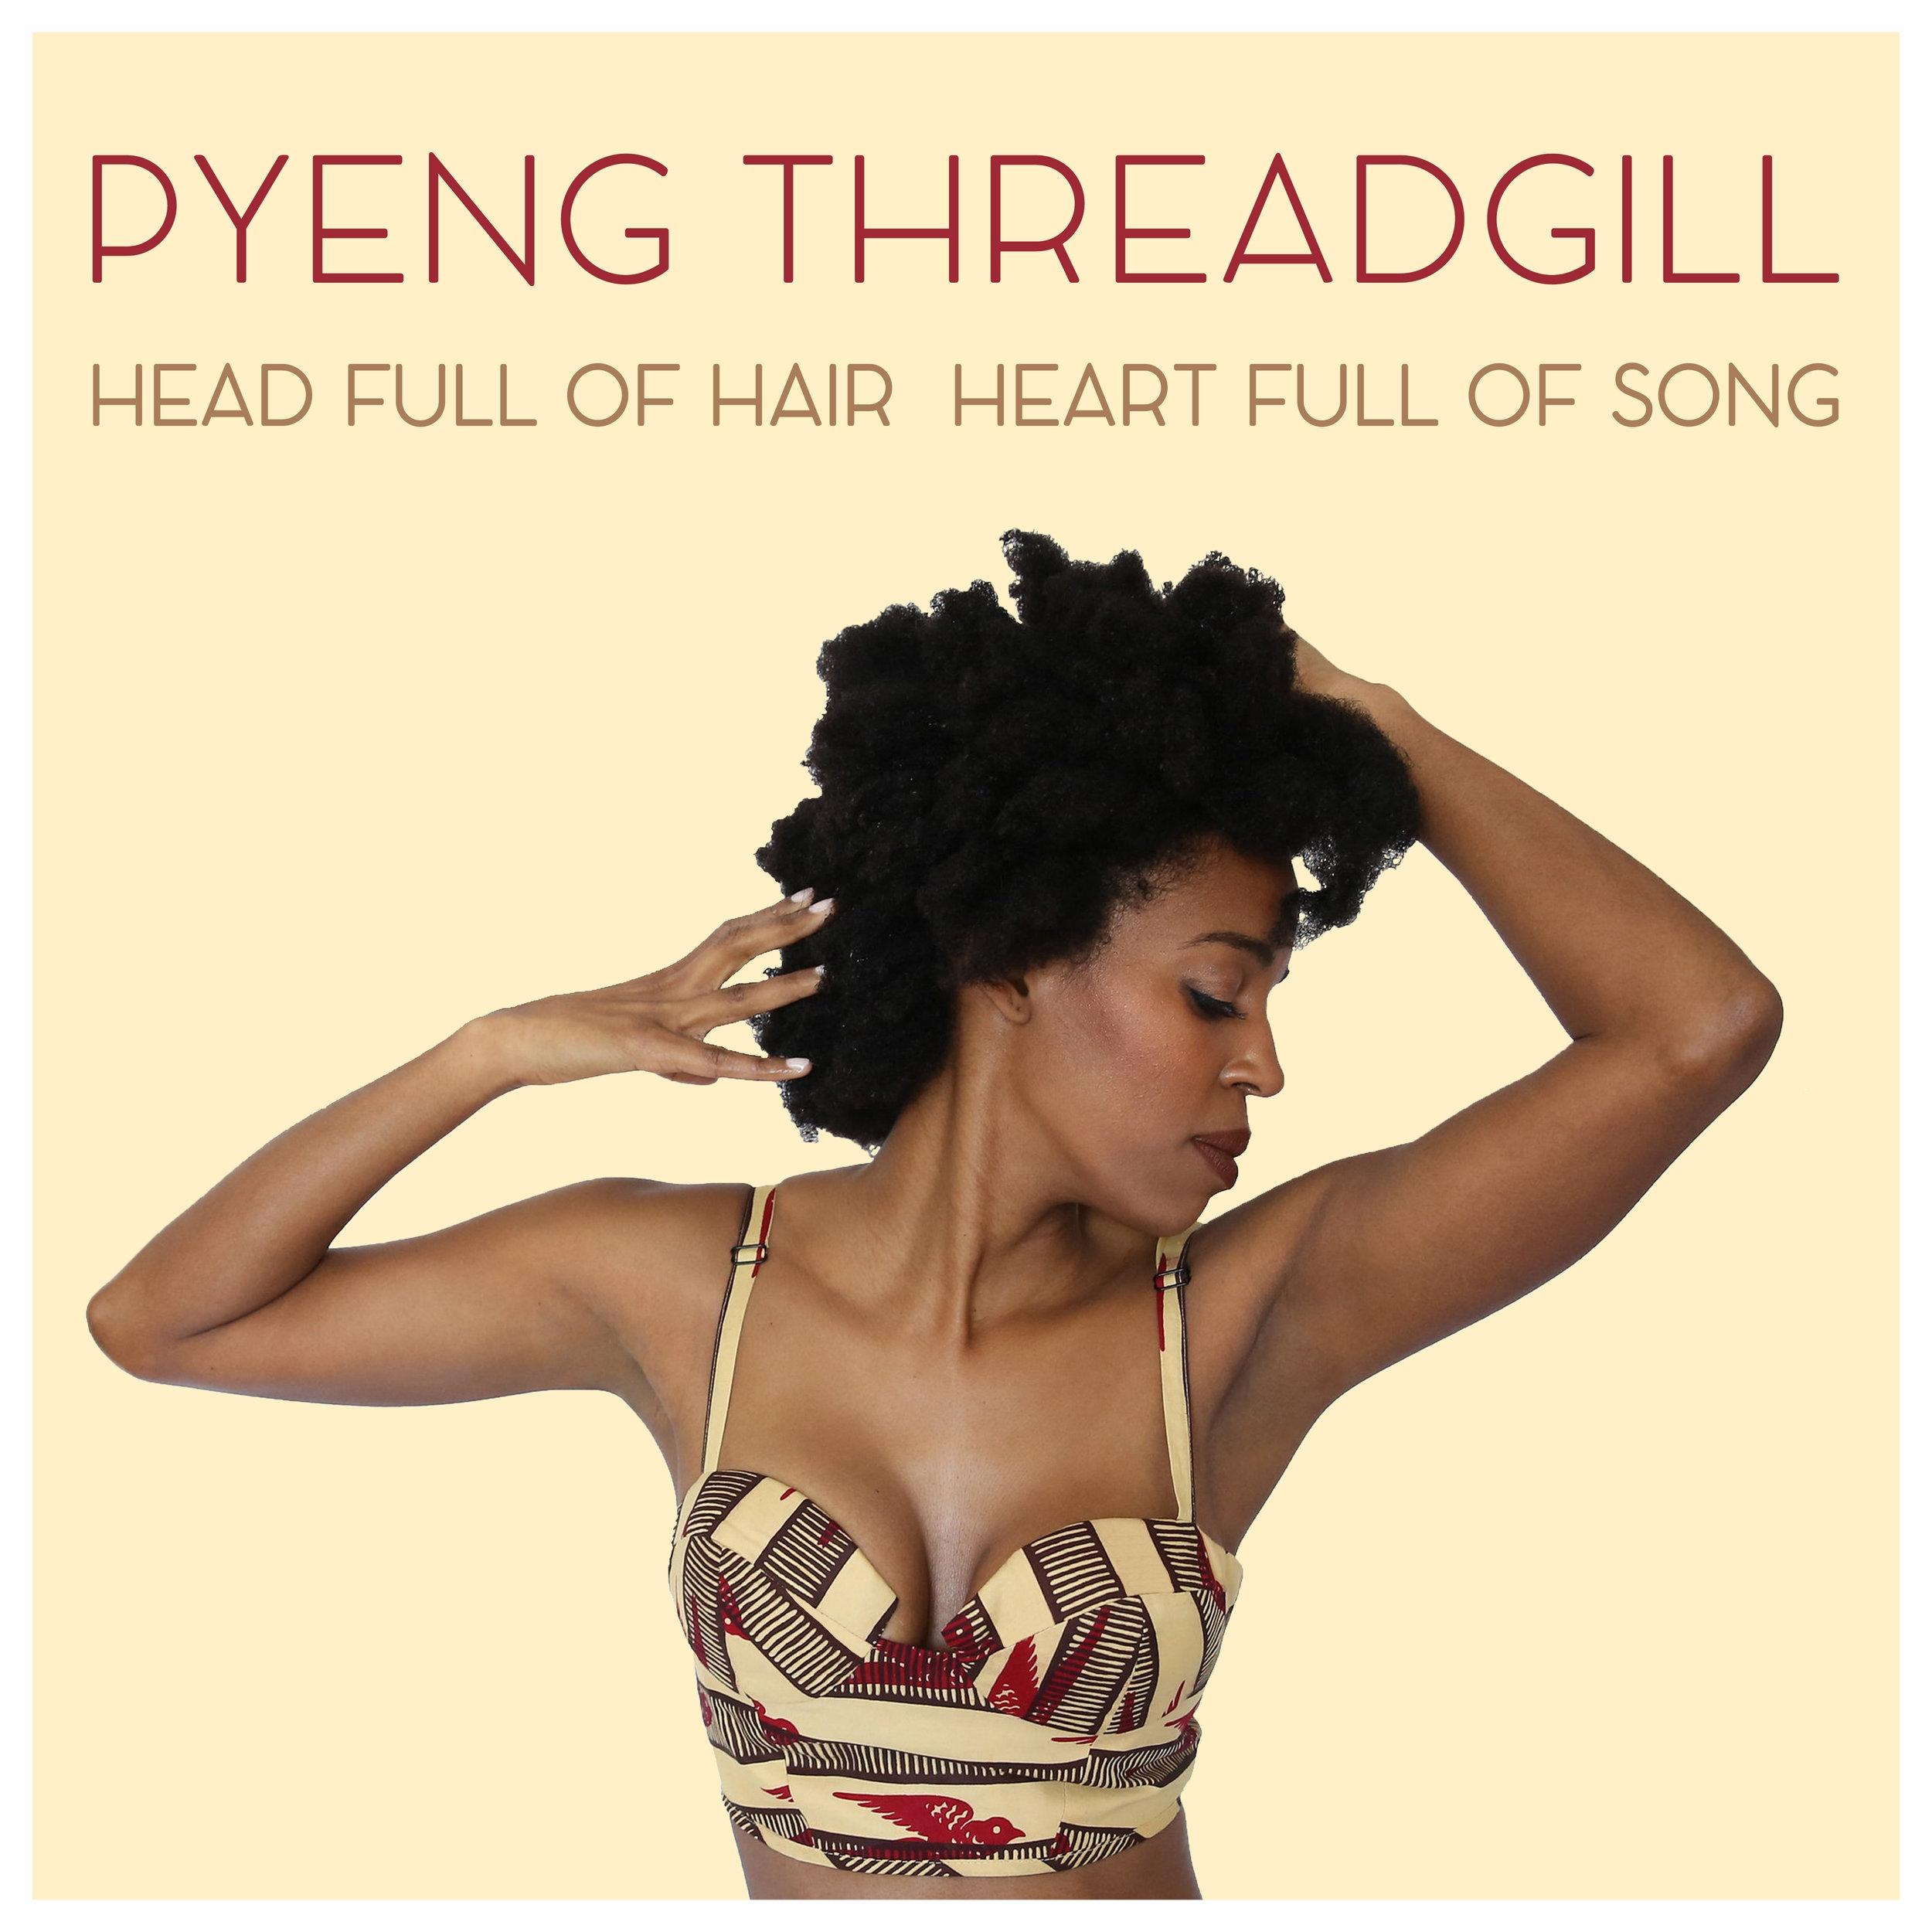 Pyeng_Head_Full_of_Hair_Heart_Full_of_Songs.jpg